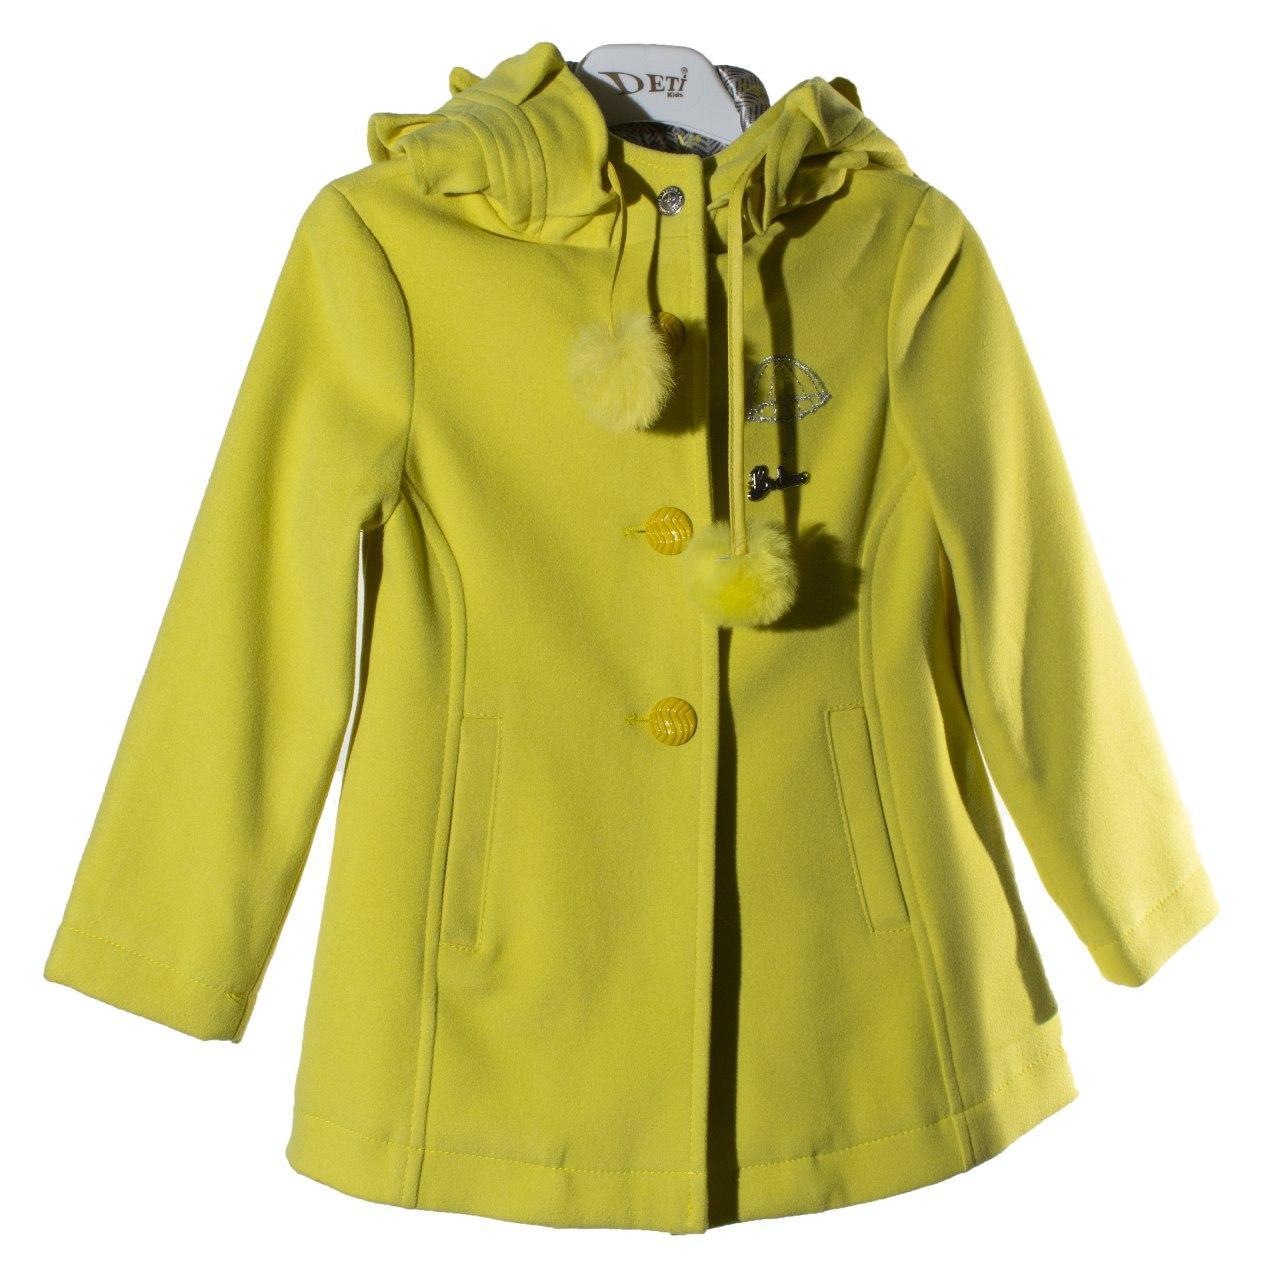 Демисезонное пальто для девочки, осень/весна, размер 2 года